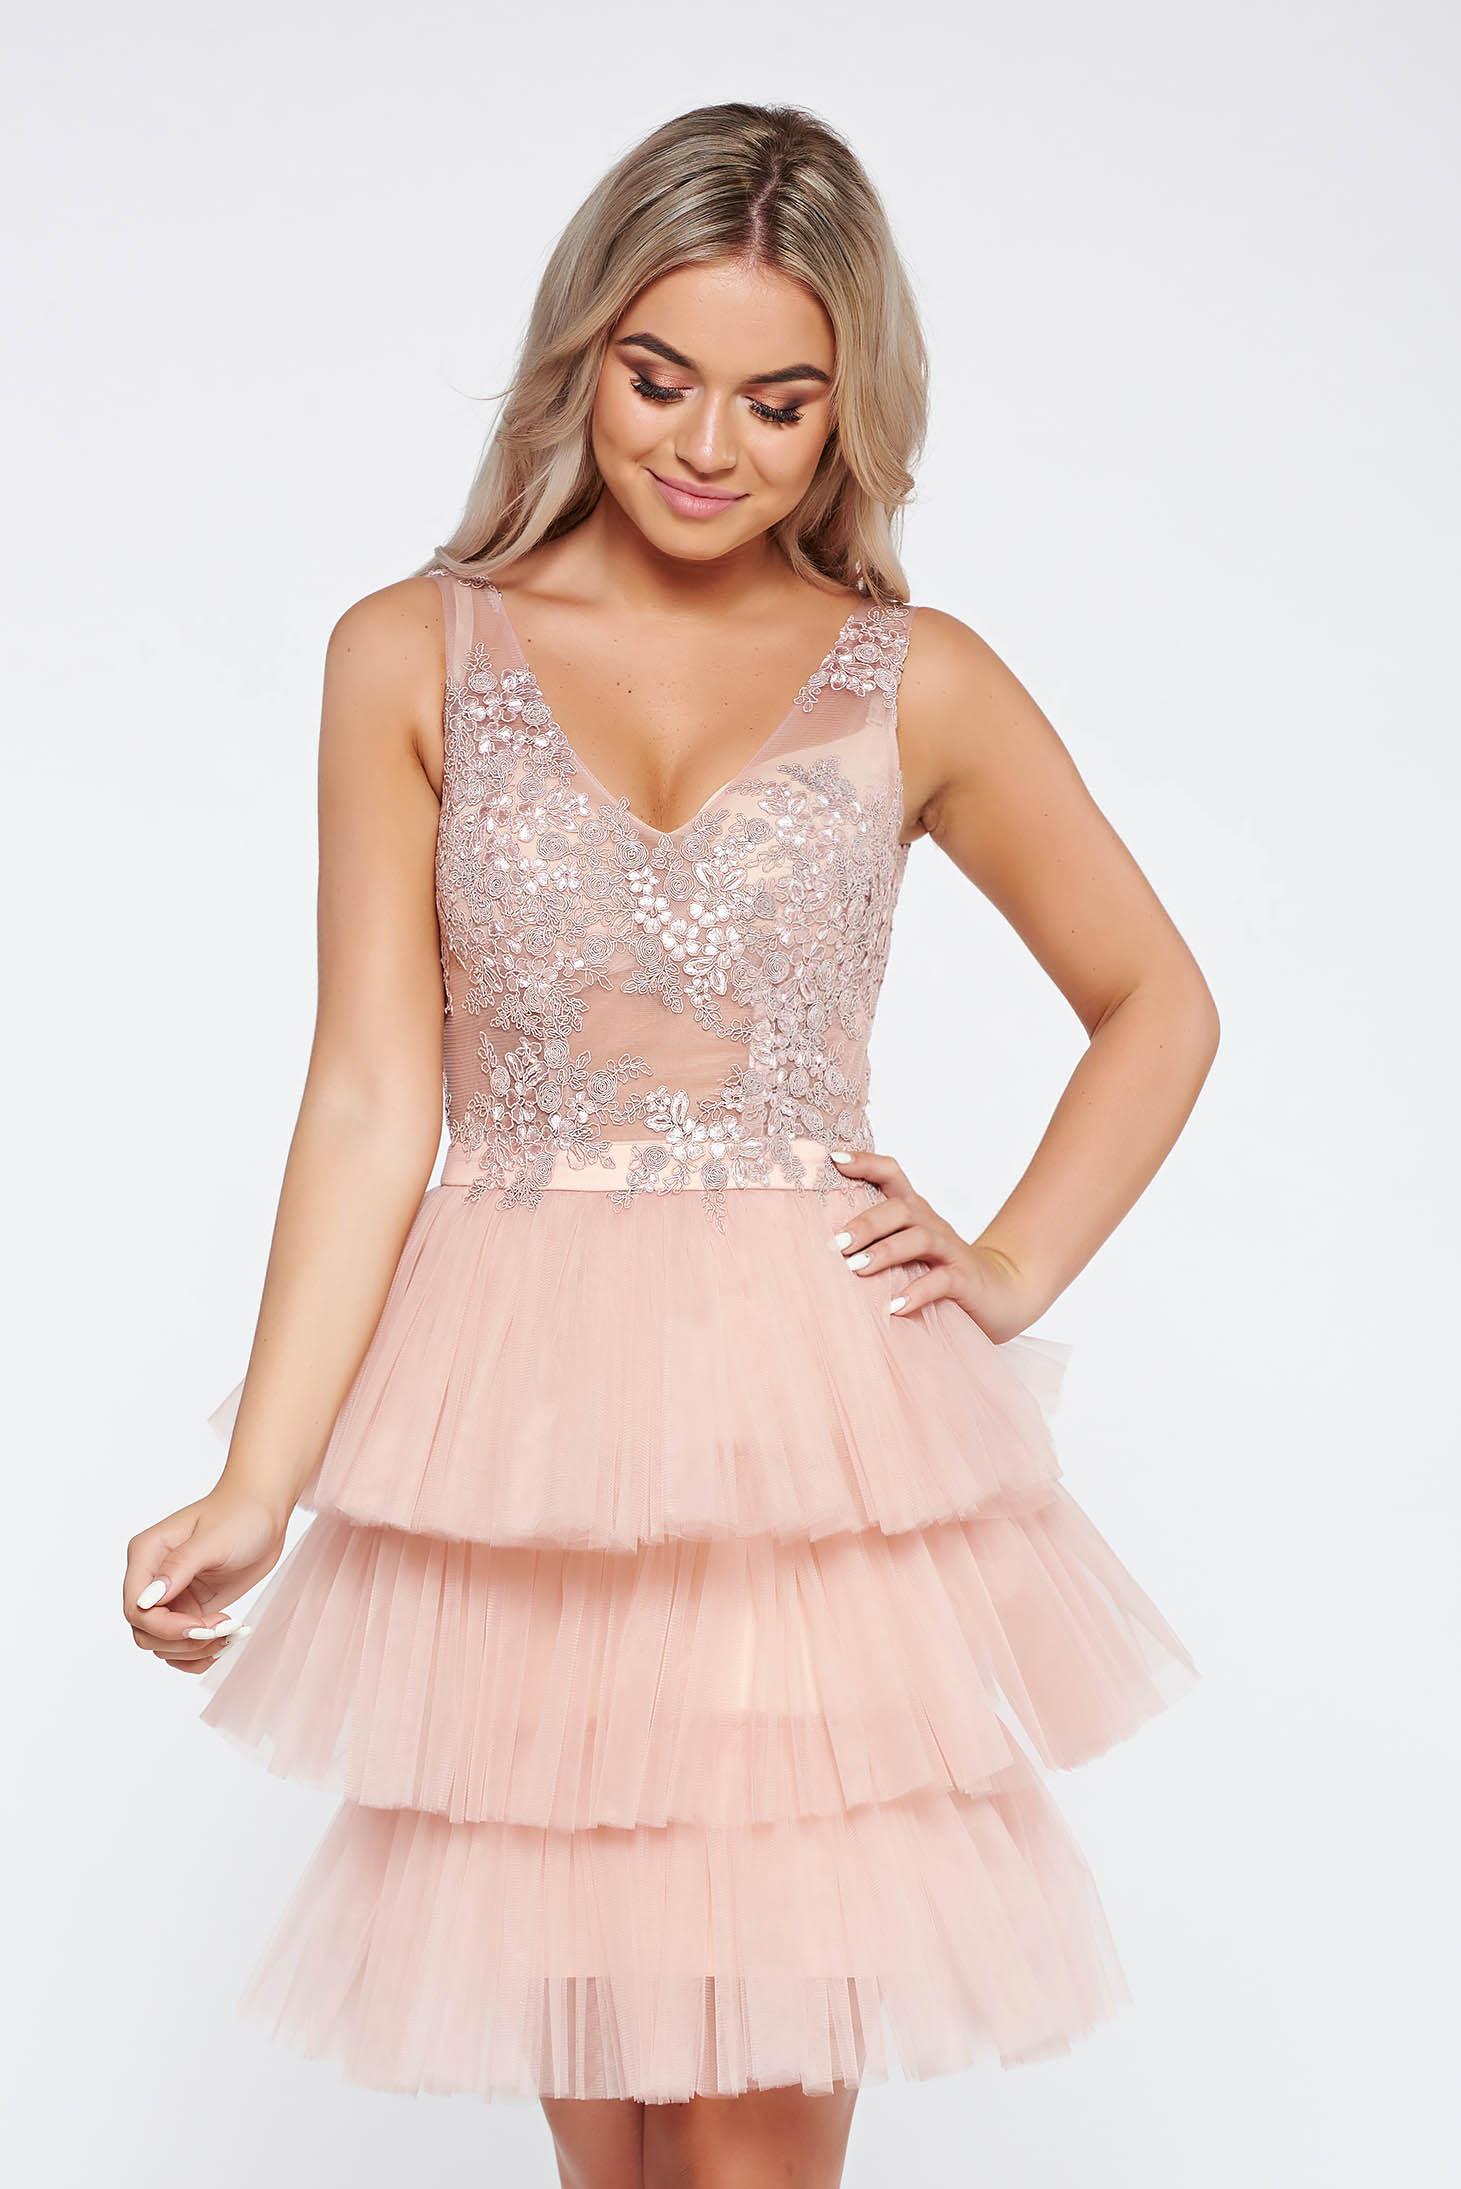 ba2c23adf0 Rózsaszínű LaDonna alkalmi ruha belső béléssel tüll csipkés anyagból virágos  díszek 3d effekt